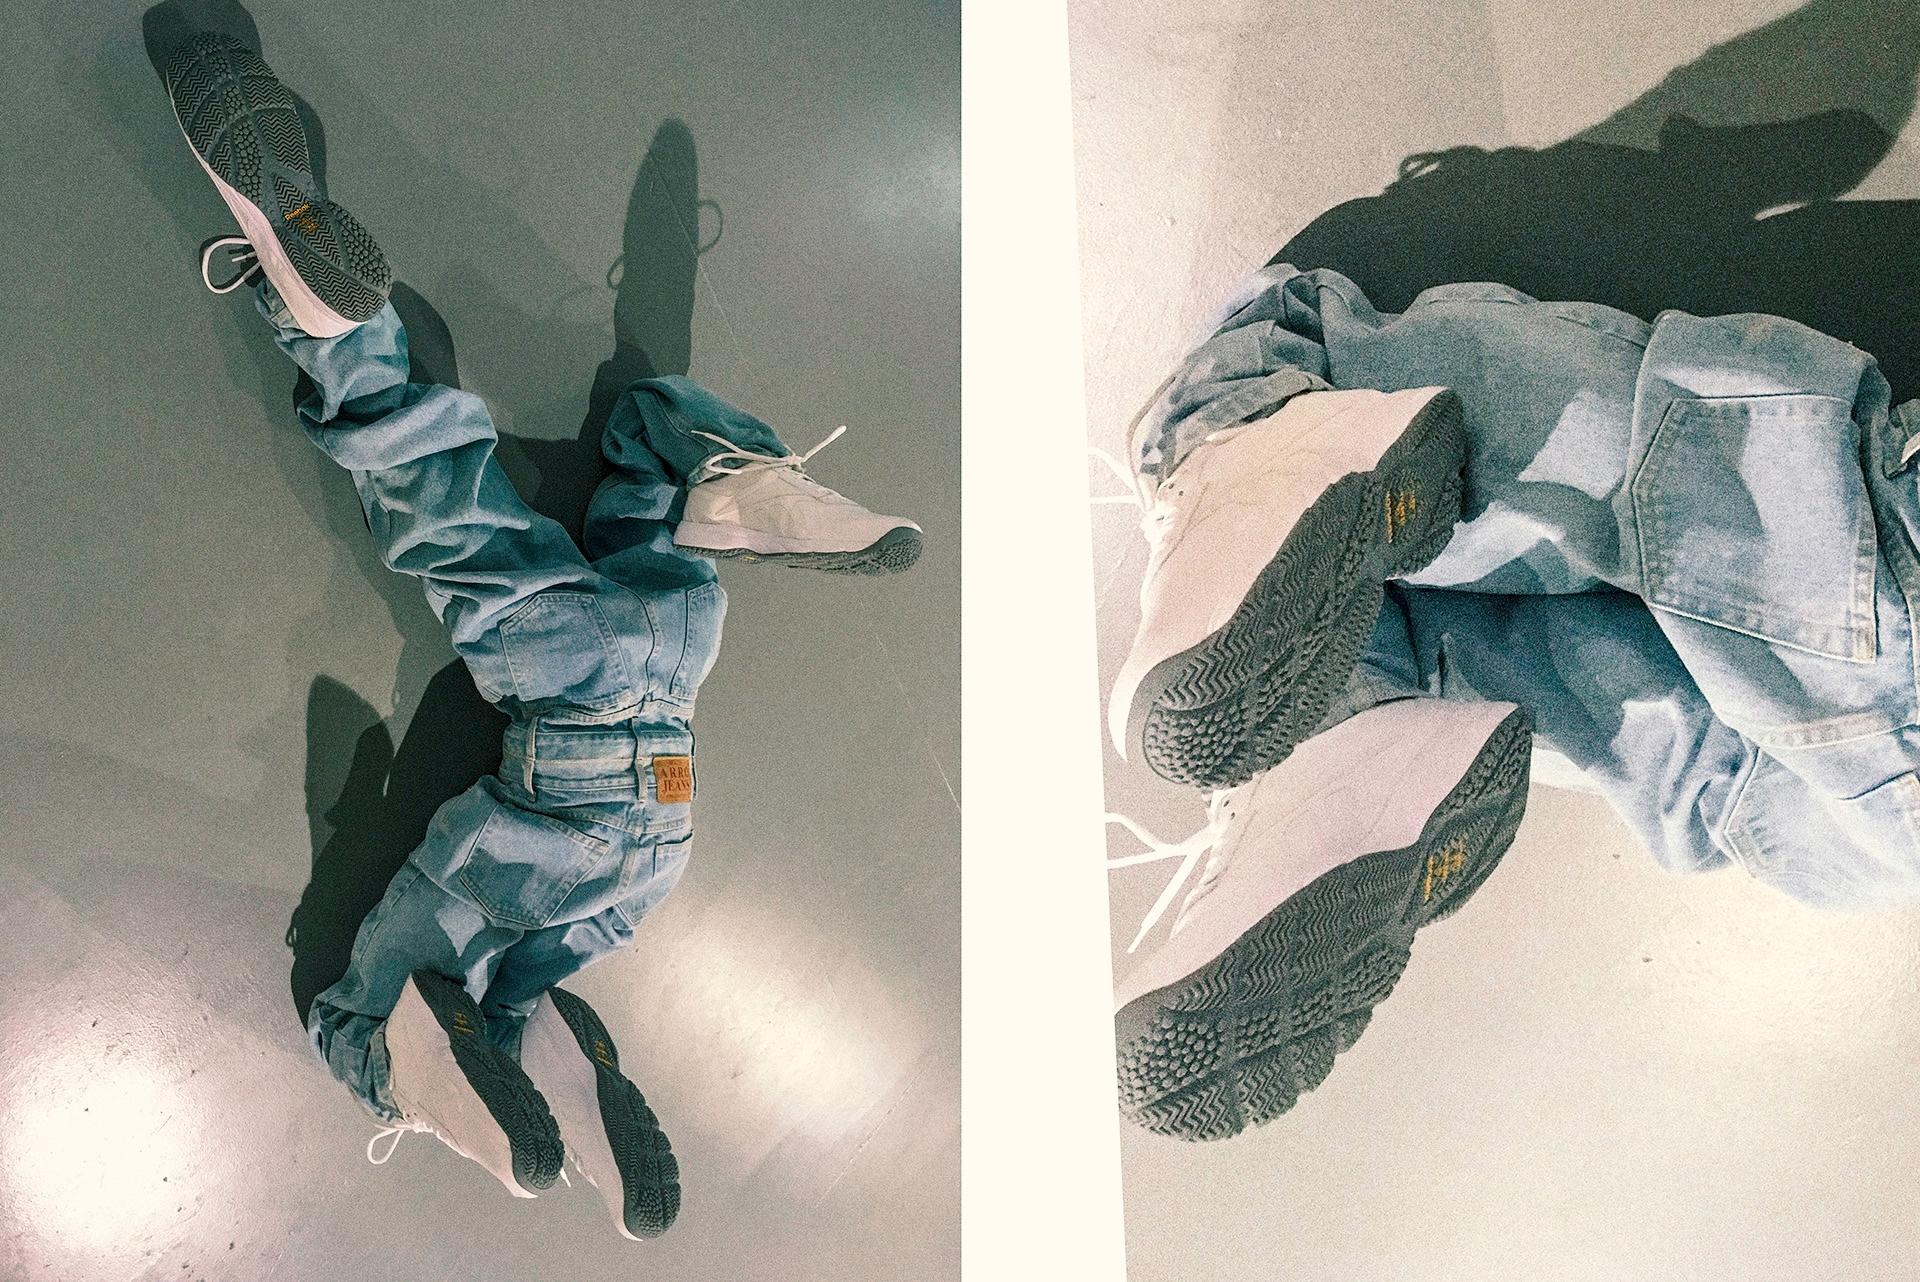 Zdjęcie przedstawia obiekt w postaci dwóch par spodni połączonych ze sobą. Widzimy białe sportowe obuwie na szarej podłodze.